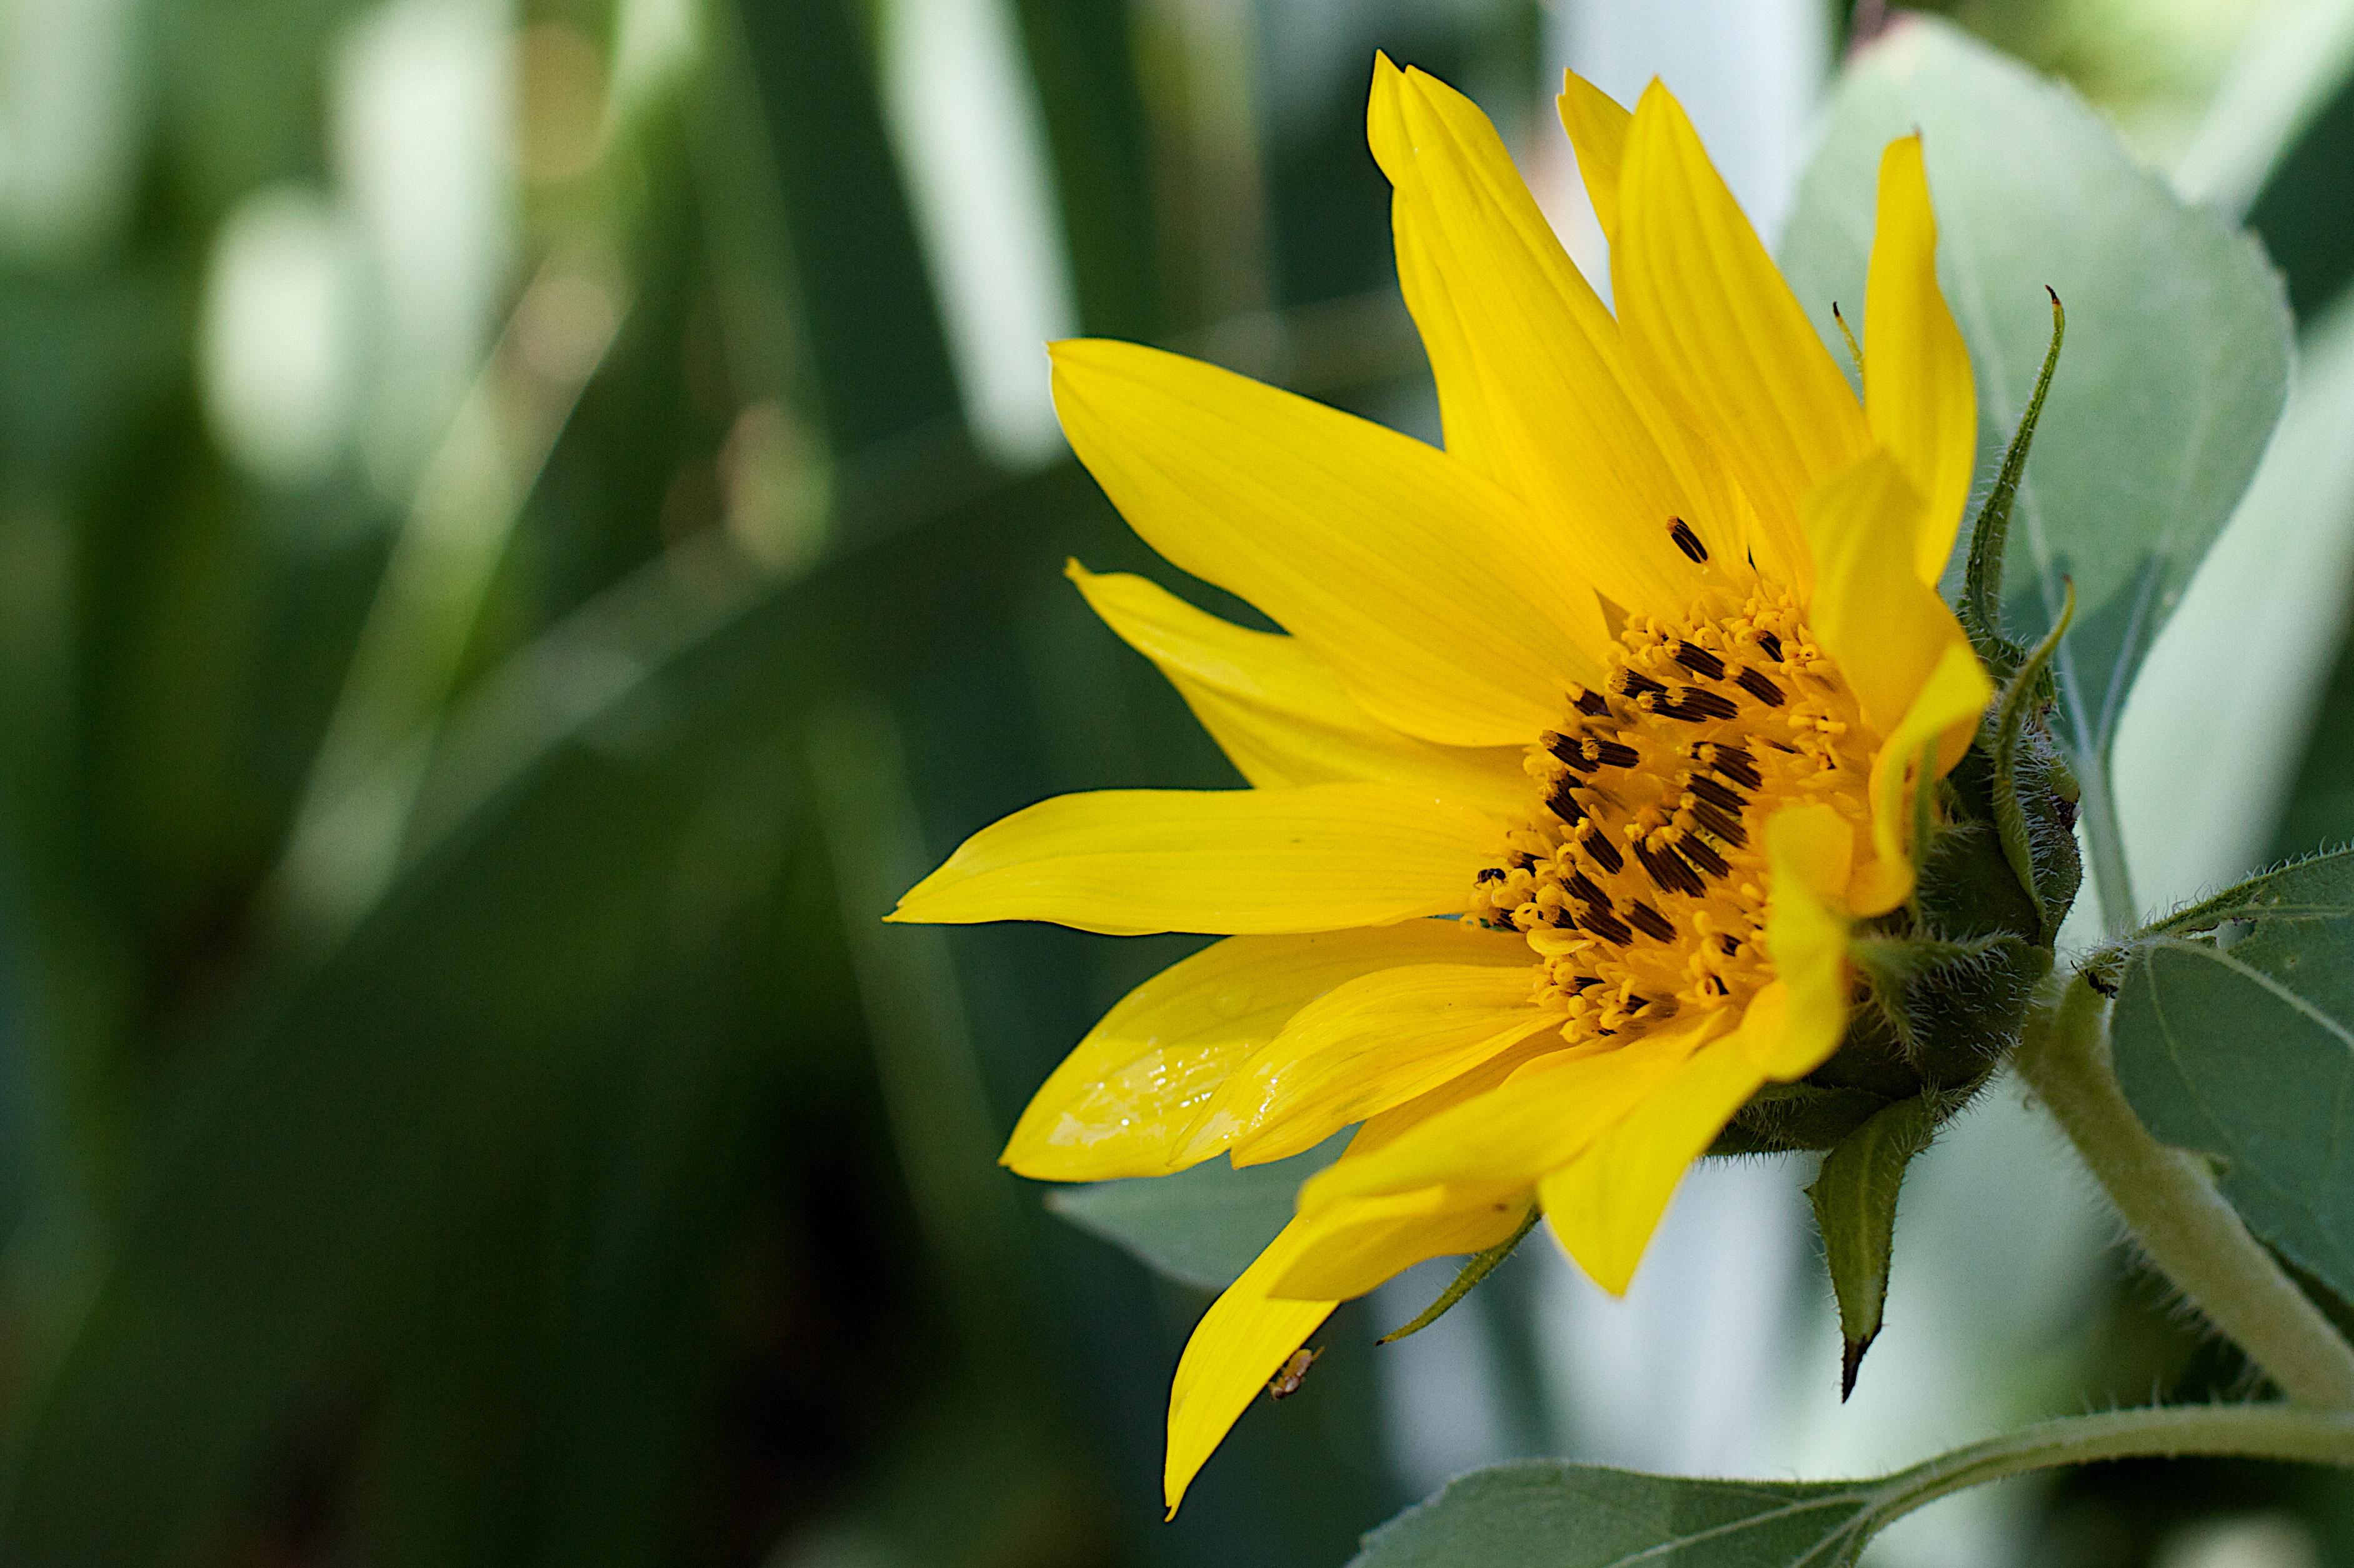 Hình ảnh Thiên Nhiên Thực Vật Nhiếp ảnh Cánh Hoa Màu